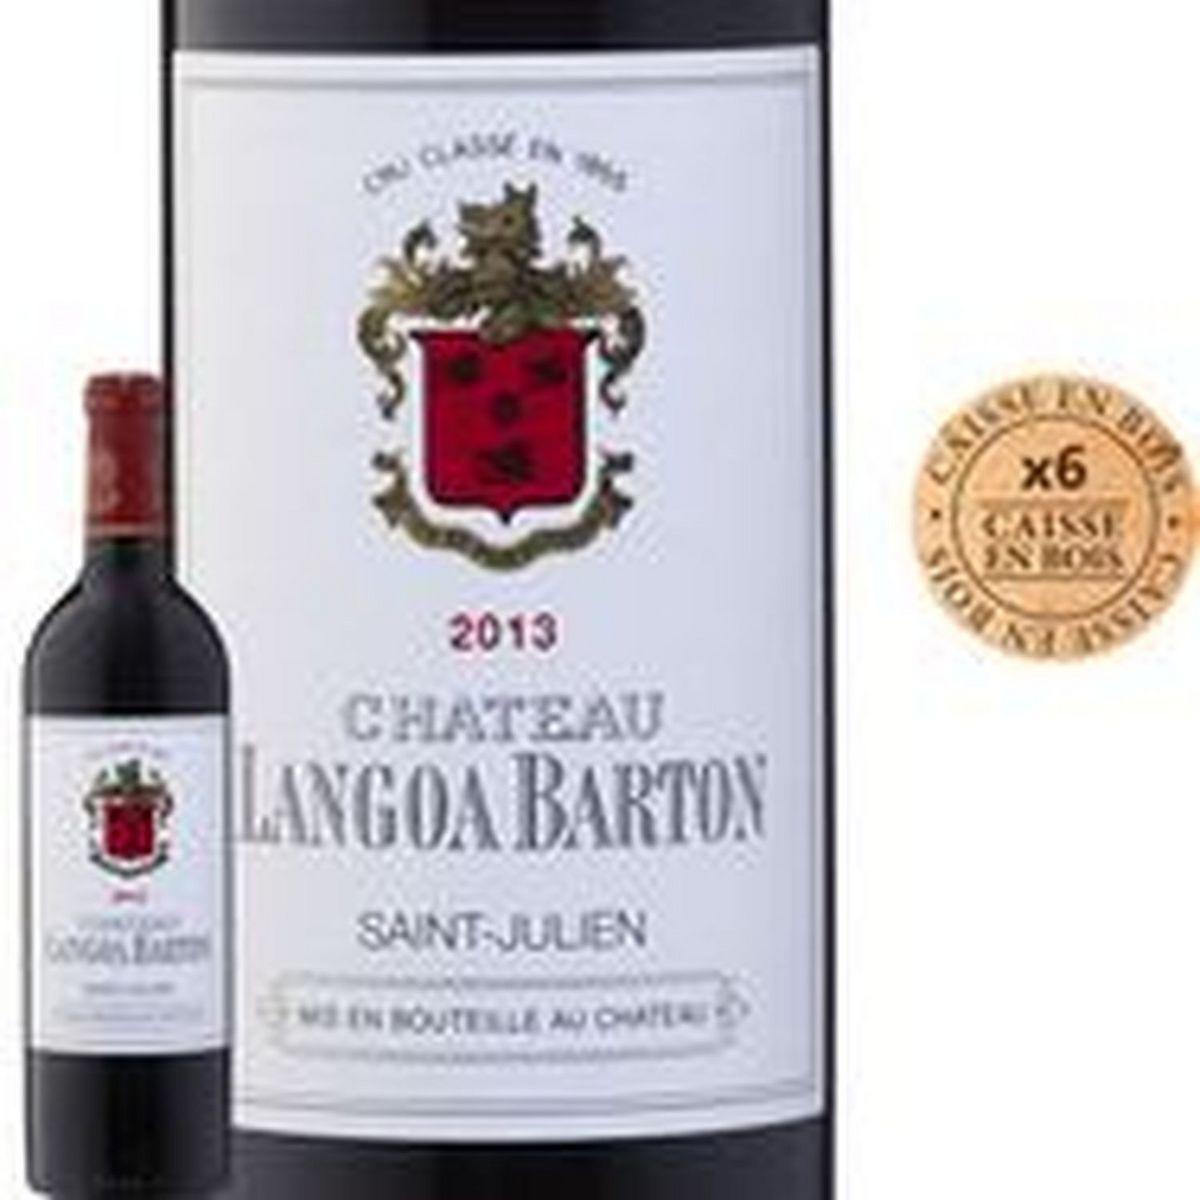 AOP Saint Julien 3ème Grand Cru Classé Château Langoa Barton rouge 2013